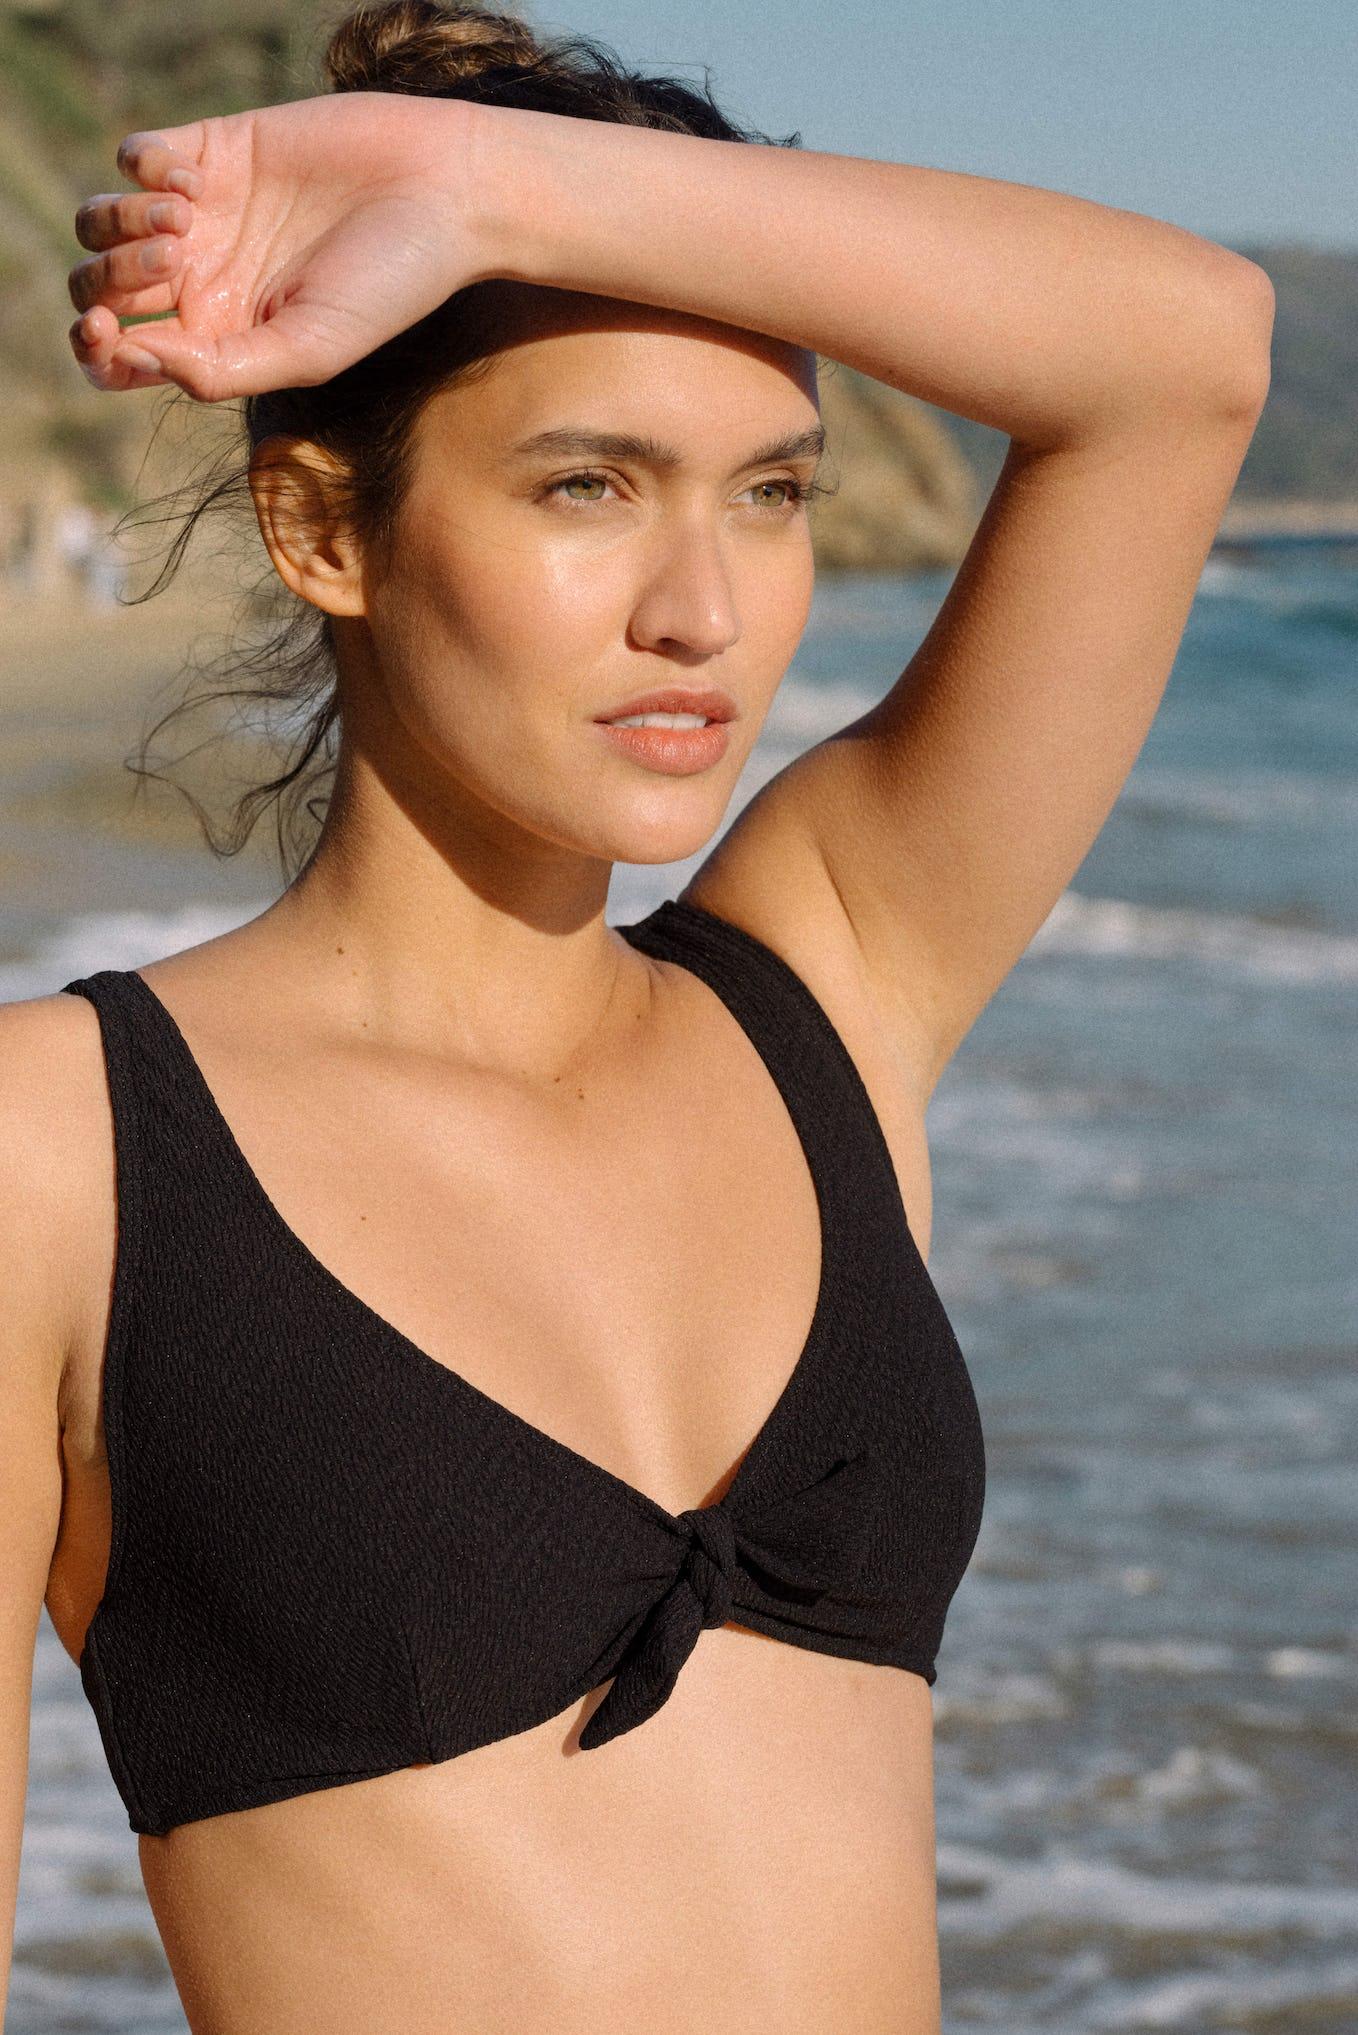 Maillot Beauté insulaire noir